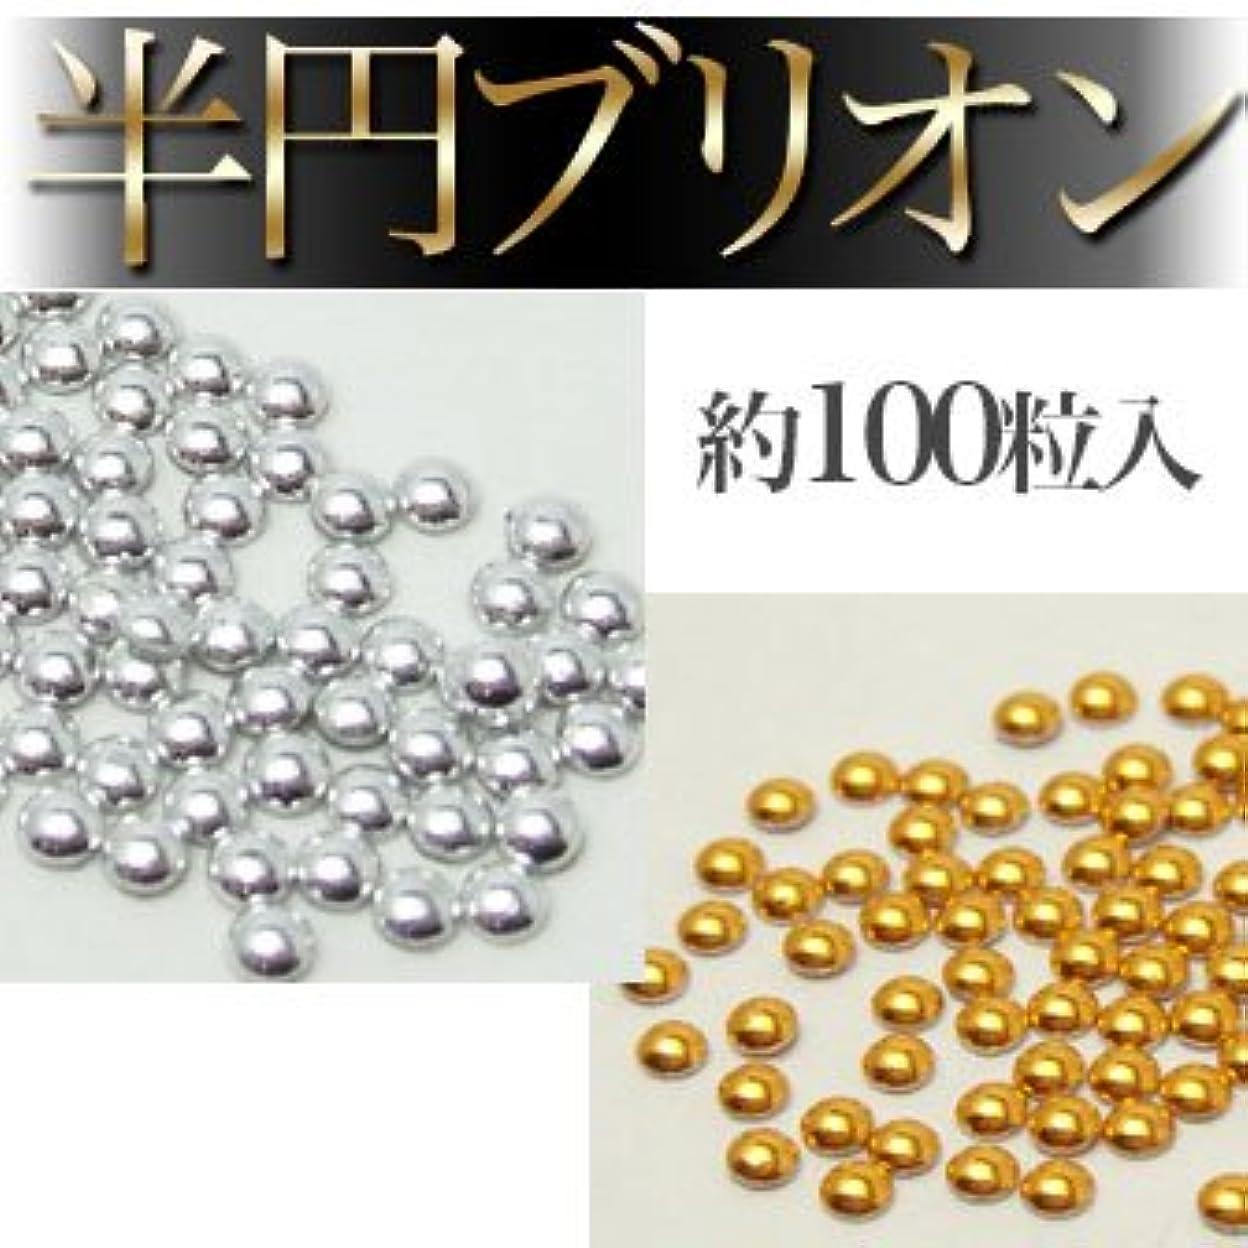 発表廊下バリー半円ブリオン 半丸型 1.5mm 100粒 (シルバー)